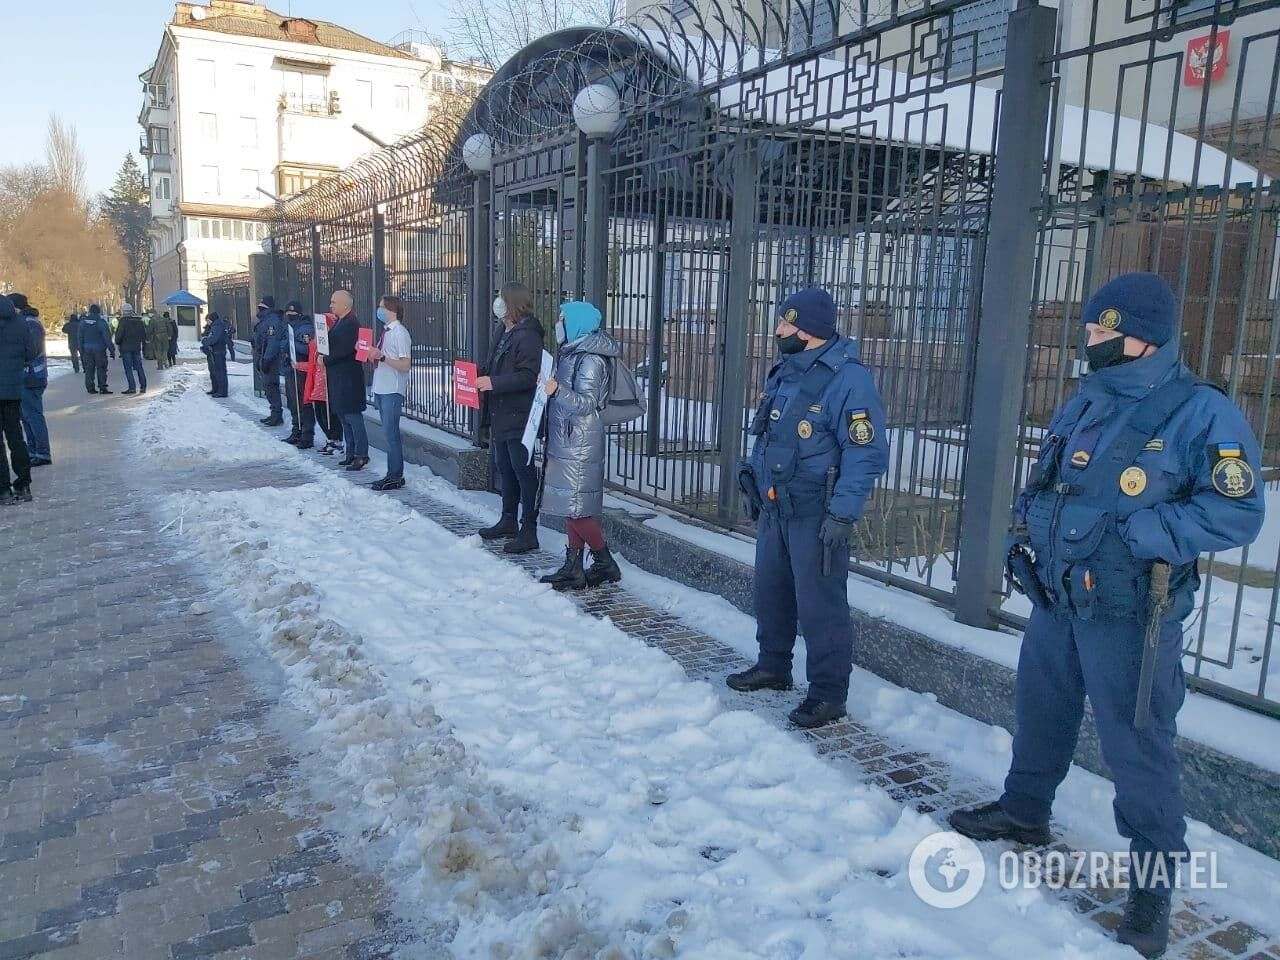 Порядок возле посольства охраняли сотрудники полиции и Нацгвардии